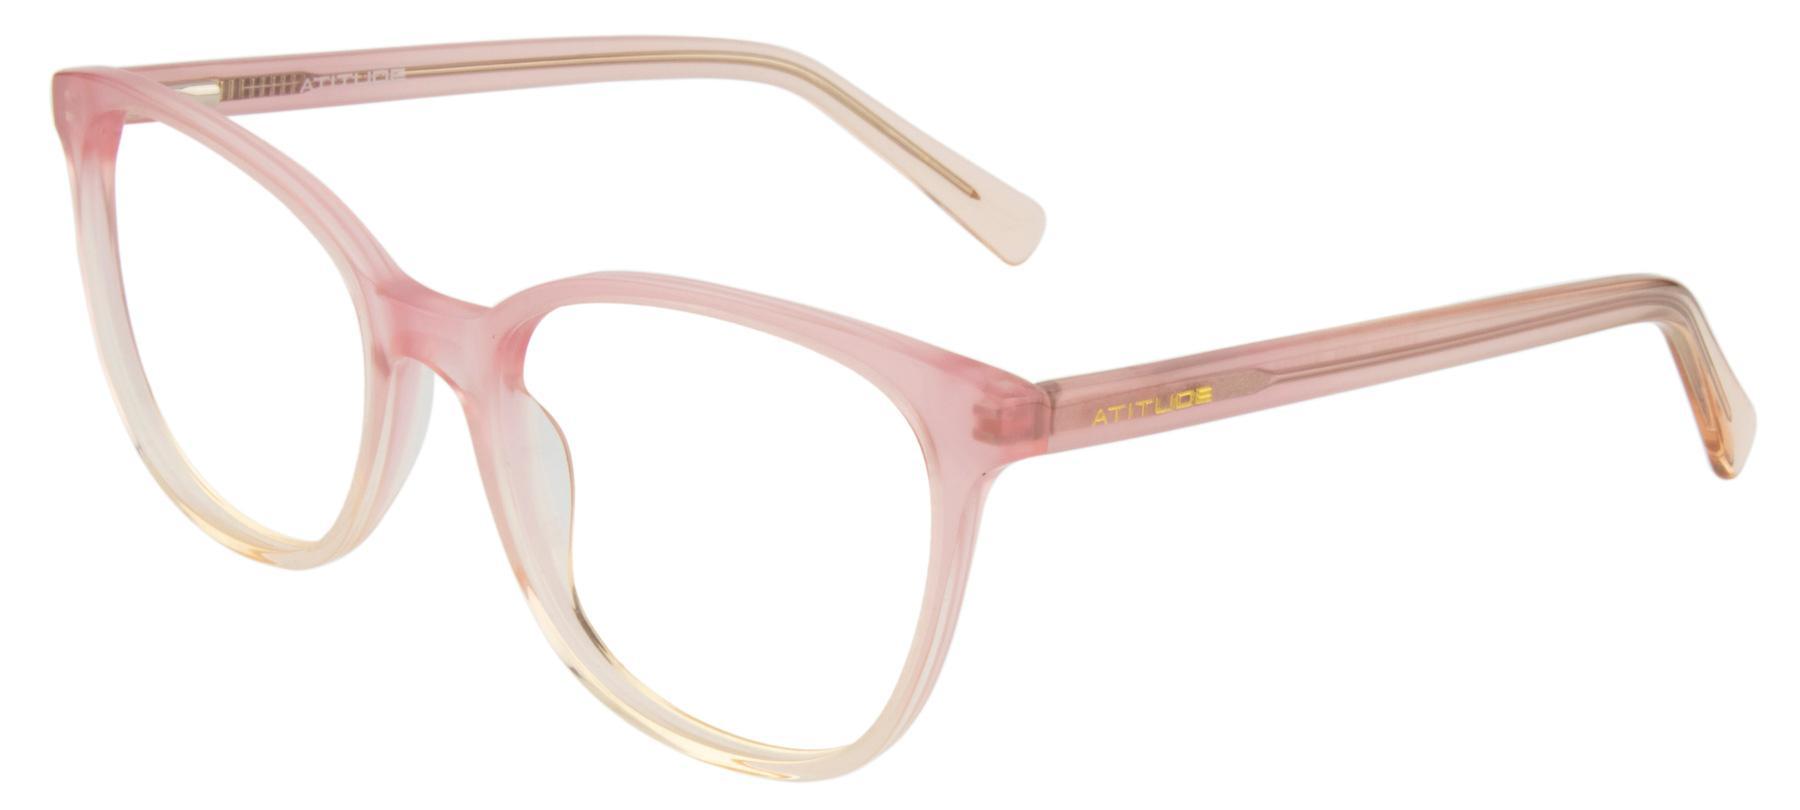 Atitude AT7094 C04 53  - Óculos de grau